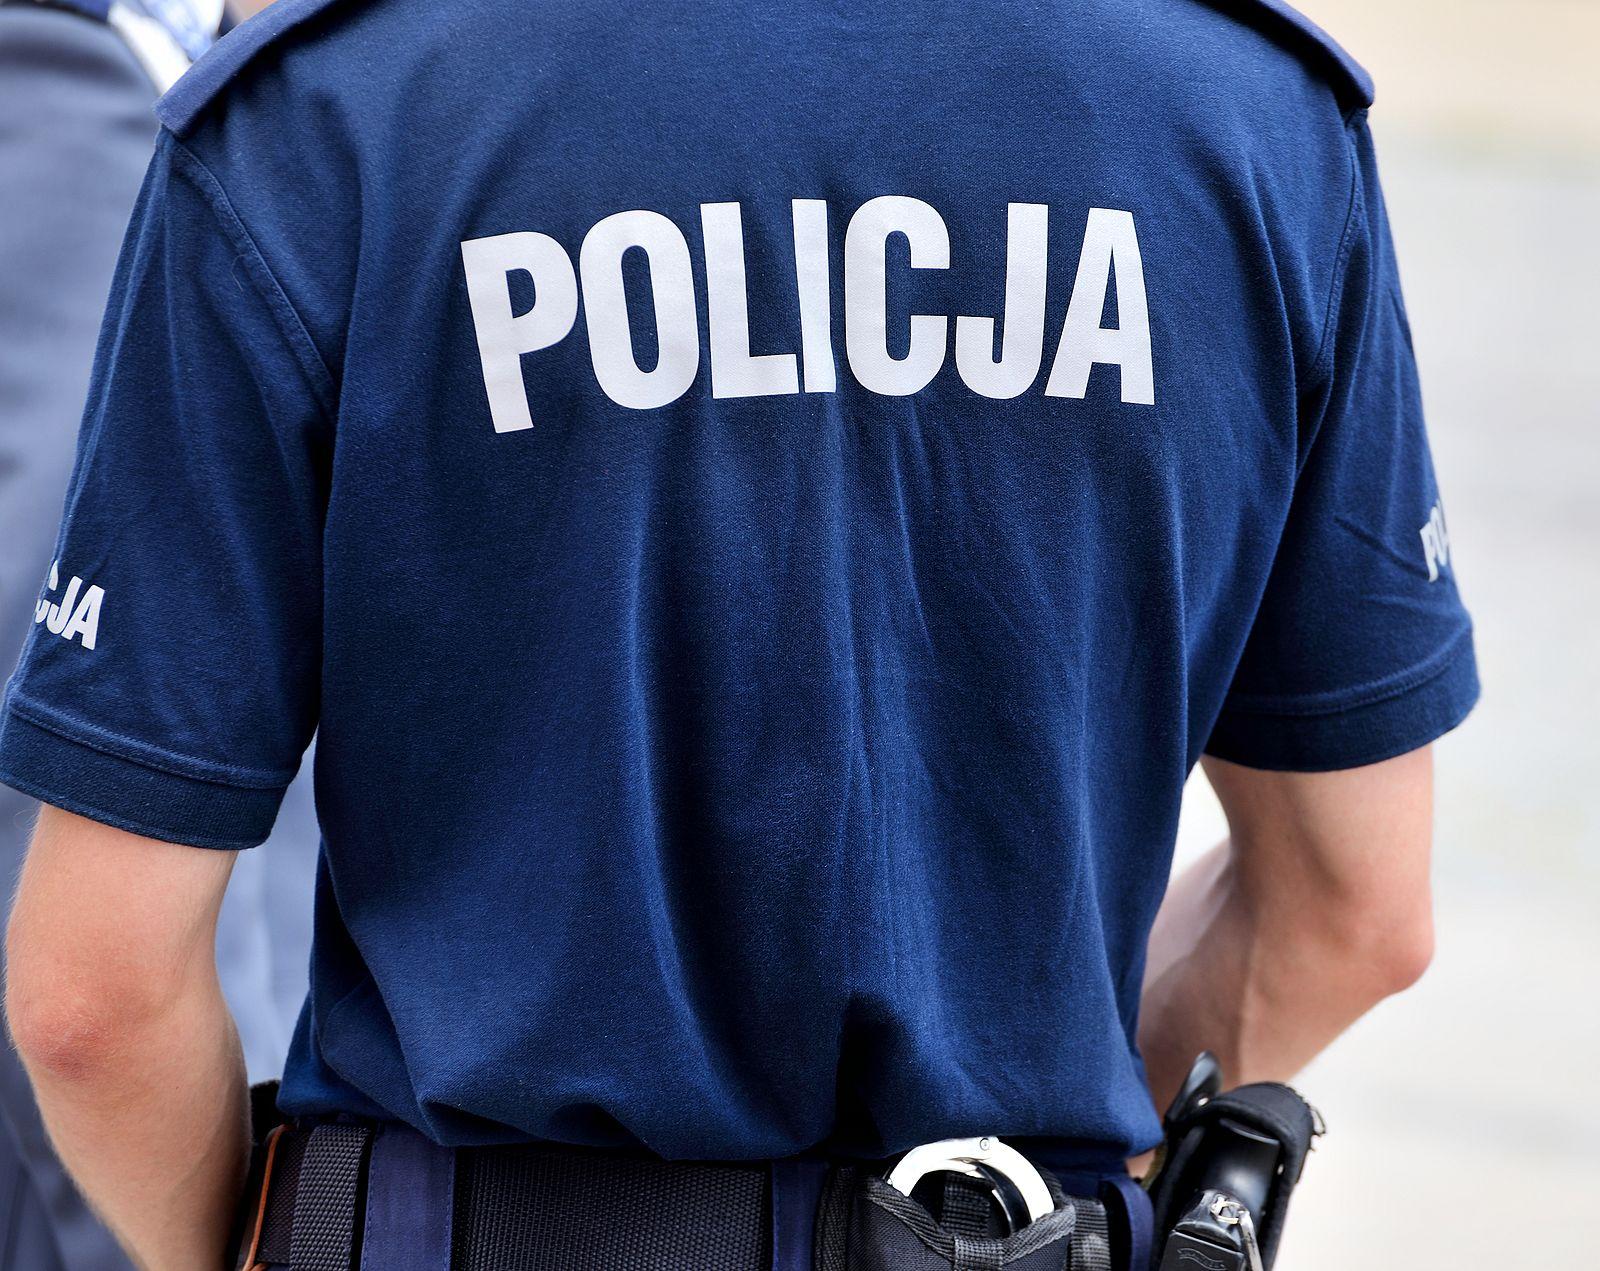 22-latek z Pleszewa został złapany na jeździe pod wpływem narkotyków - Zdjęcie główne